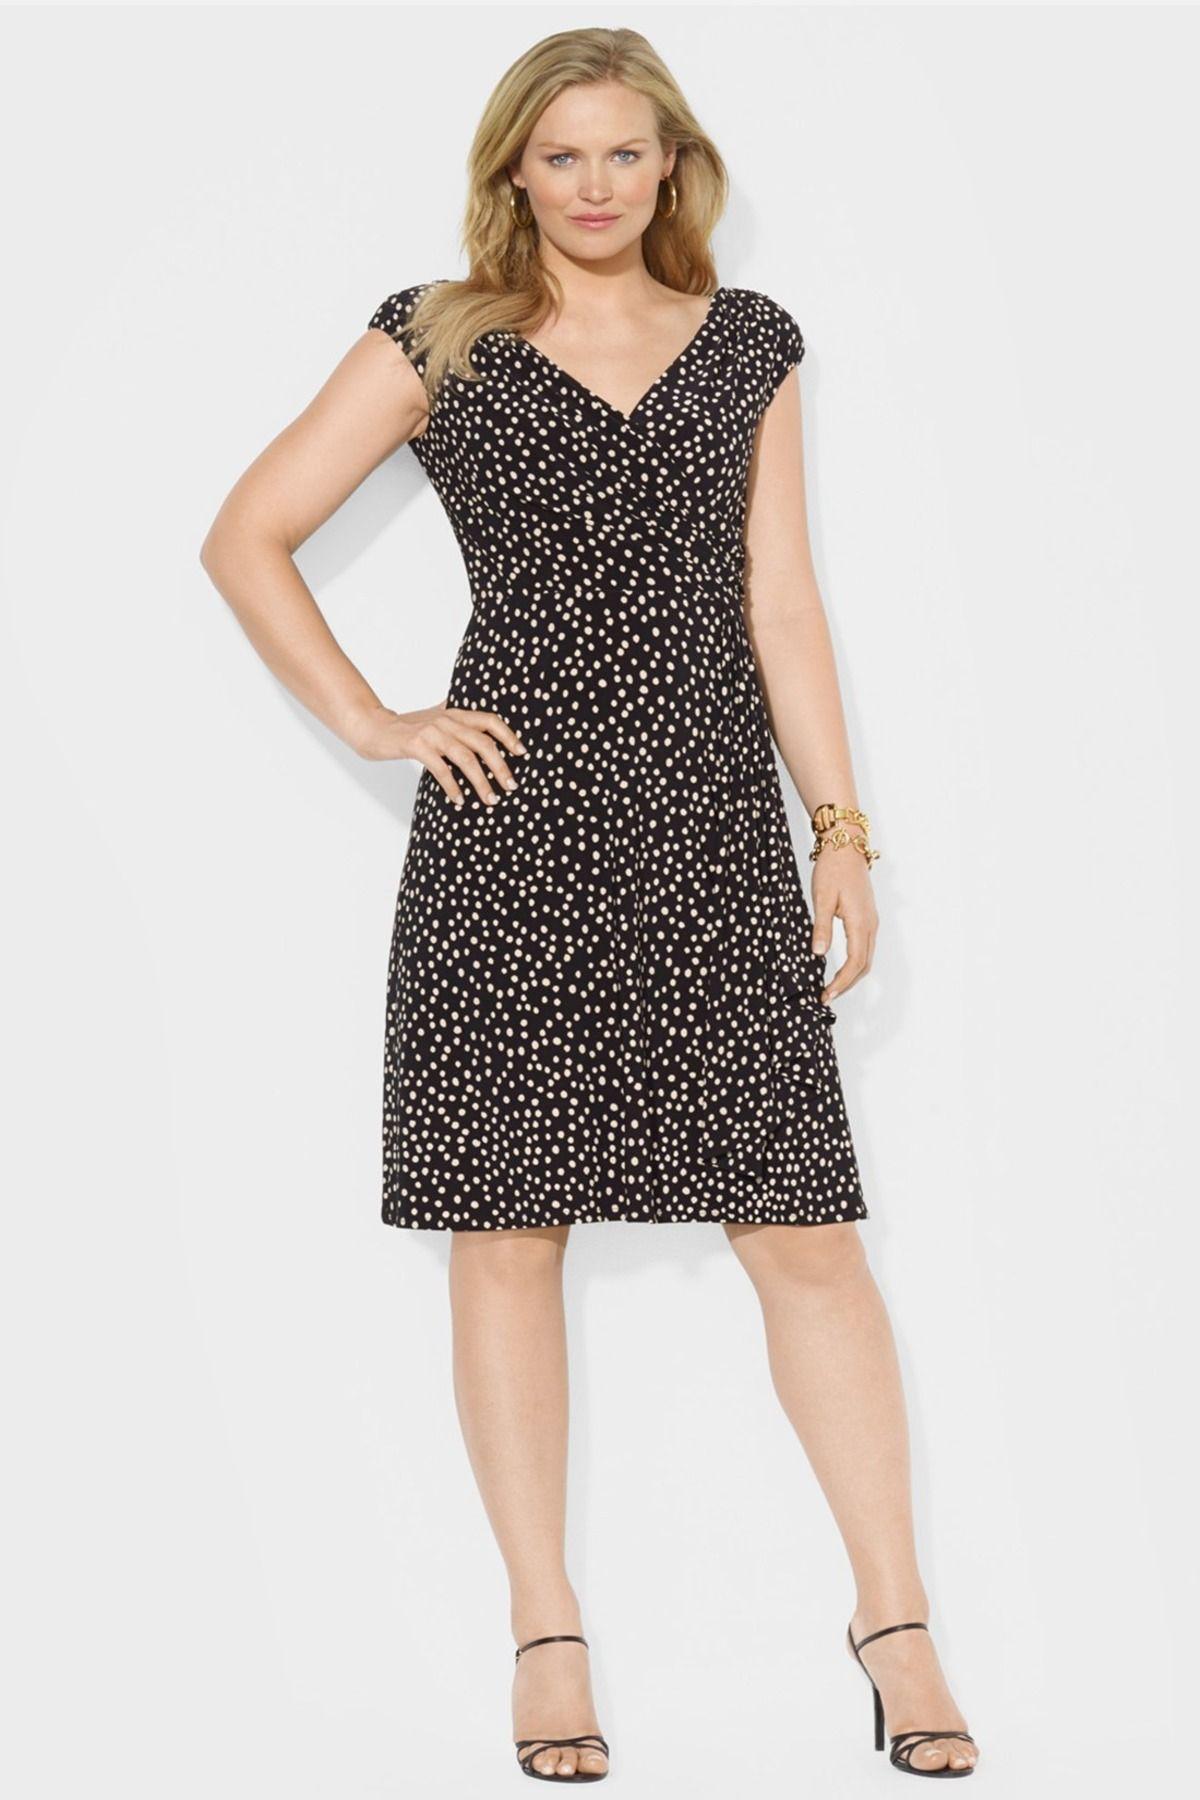 7fcfb706826 Lauren Ralph Lauren Dot Print Cap Sleeve Matte Jersey Dress (Plus Size) by Lauren  Ralph Lauren on  nordstrom rack